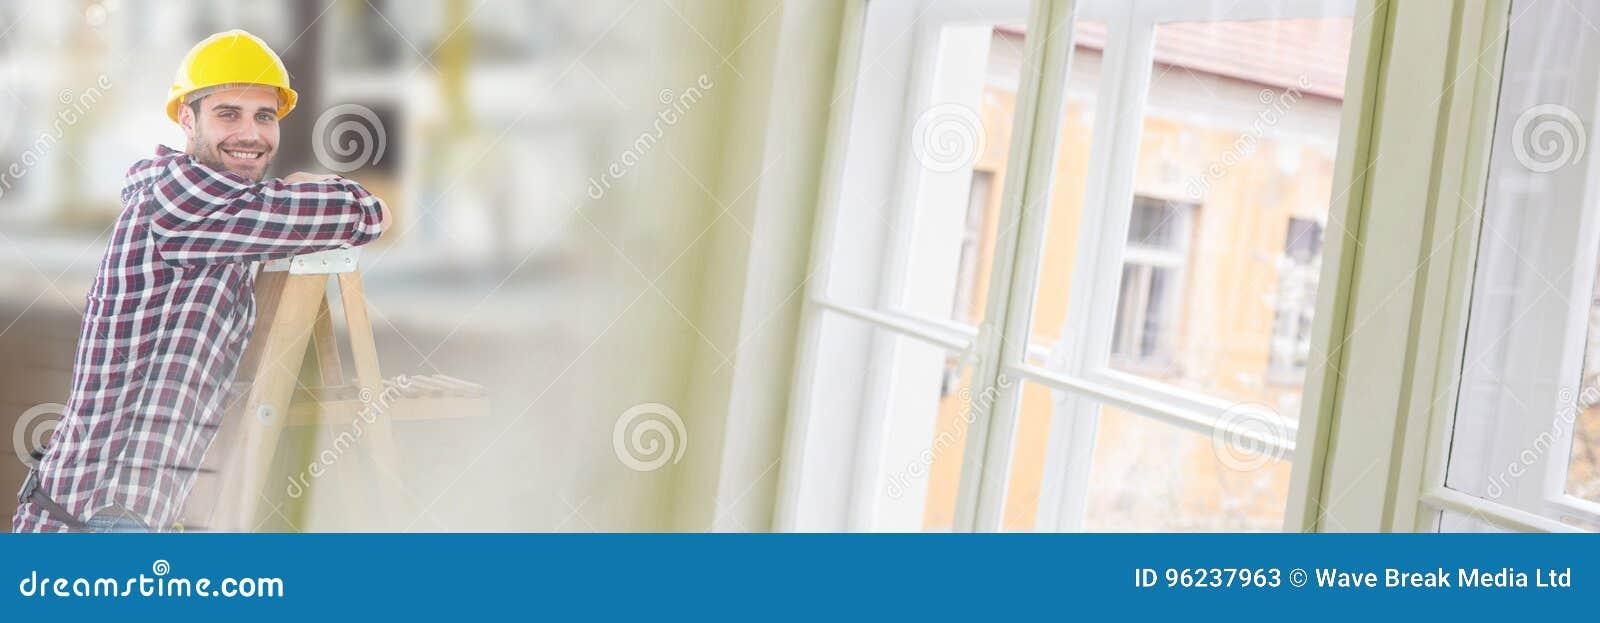 Trabajador de construcción en escalera delante del emplazamiento de la obra con efecto de la transición de la ventana